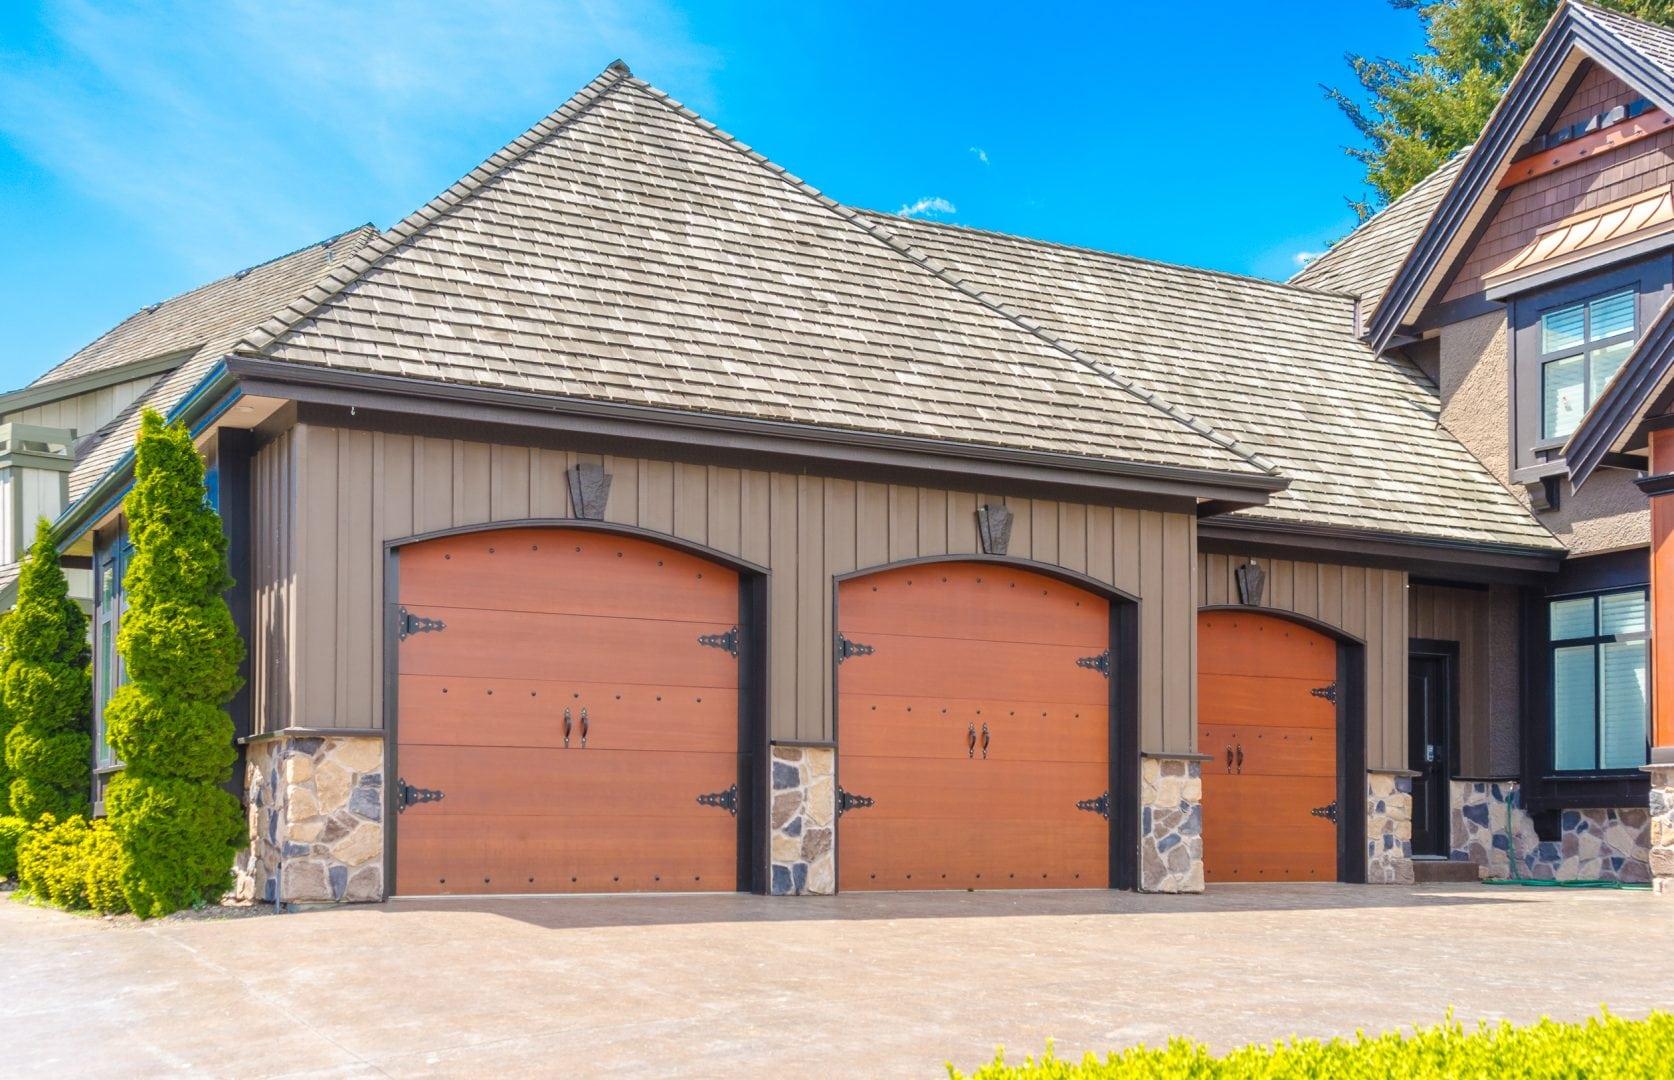 100 garage door insulation blanket garages garage doors ins insulated garage door l23 in wow. Black Bedroom Furniture Sets. Home Design Ideas